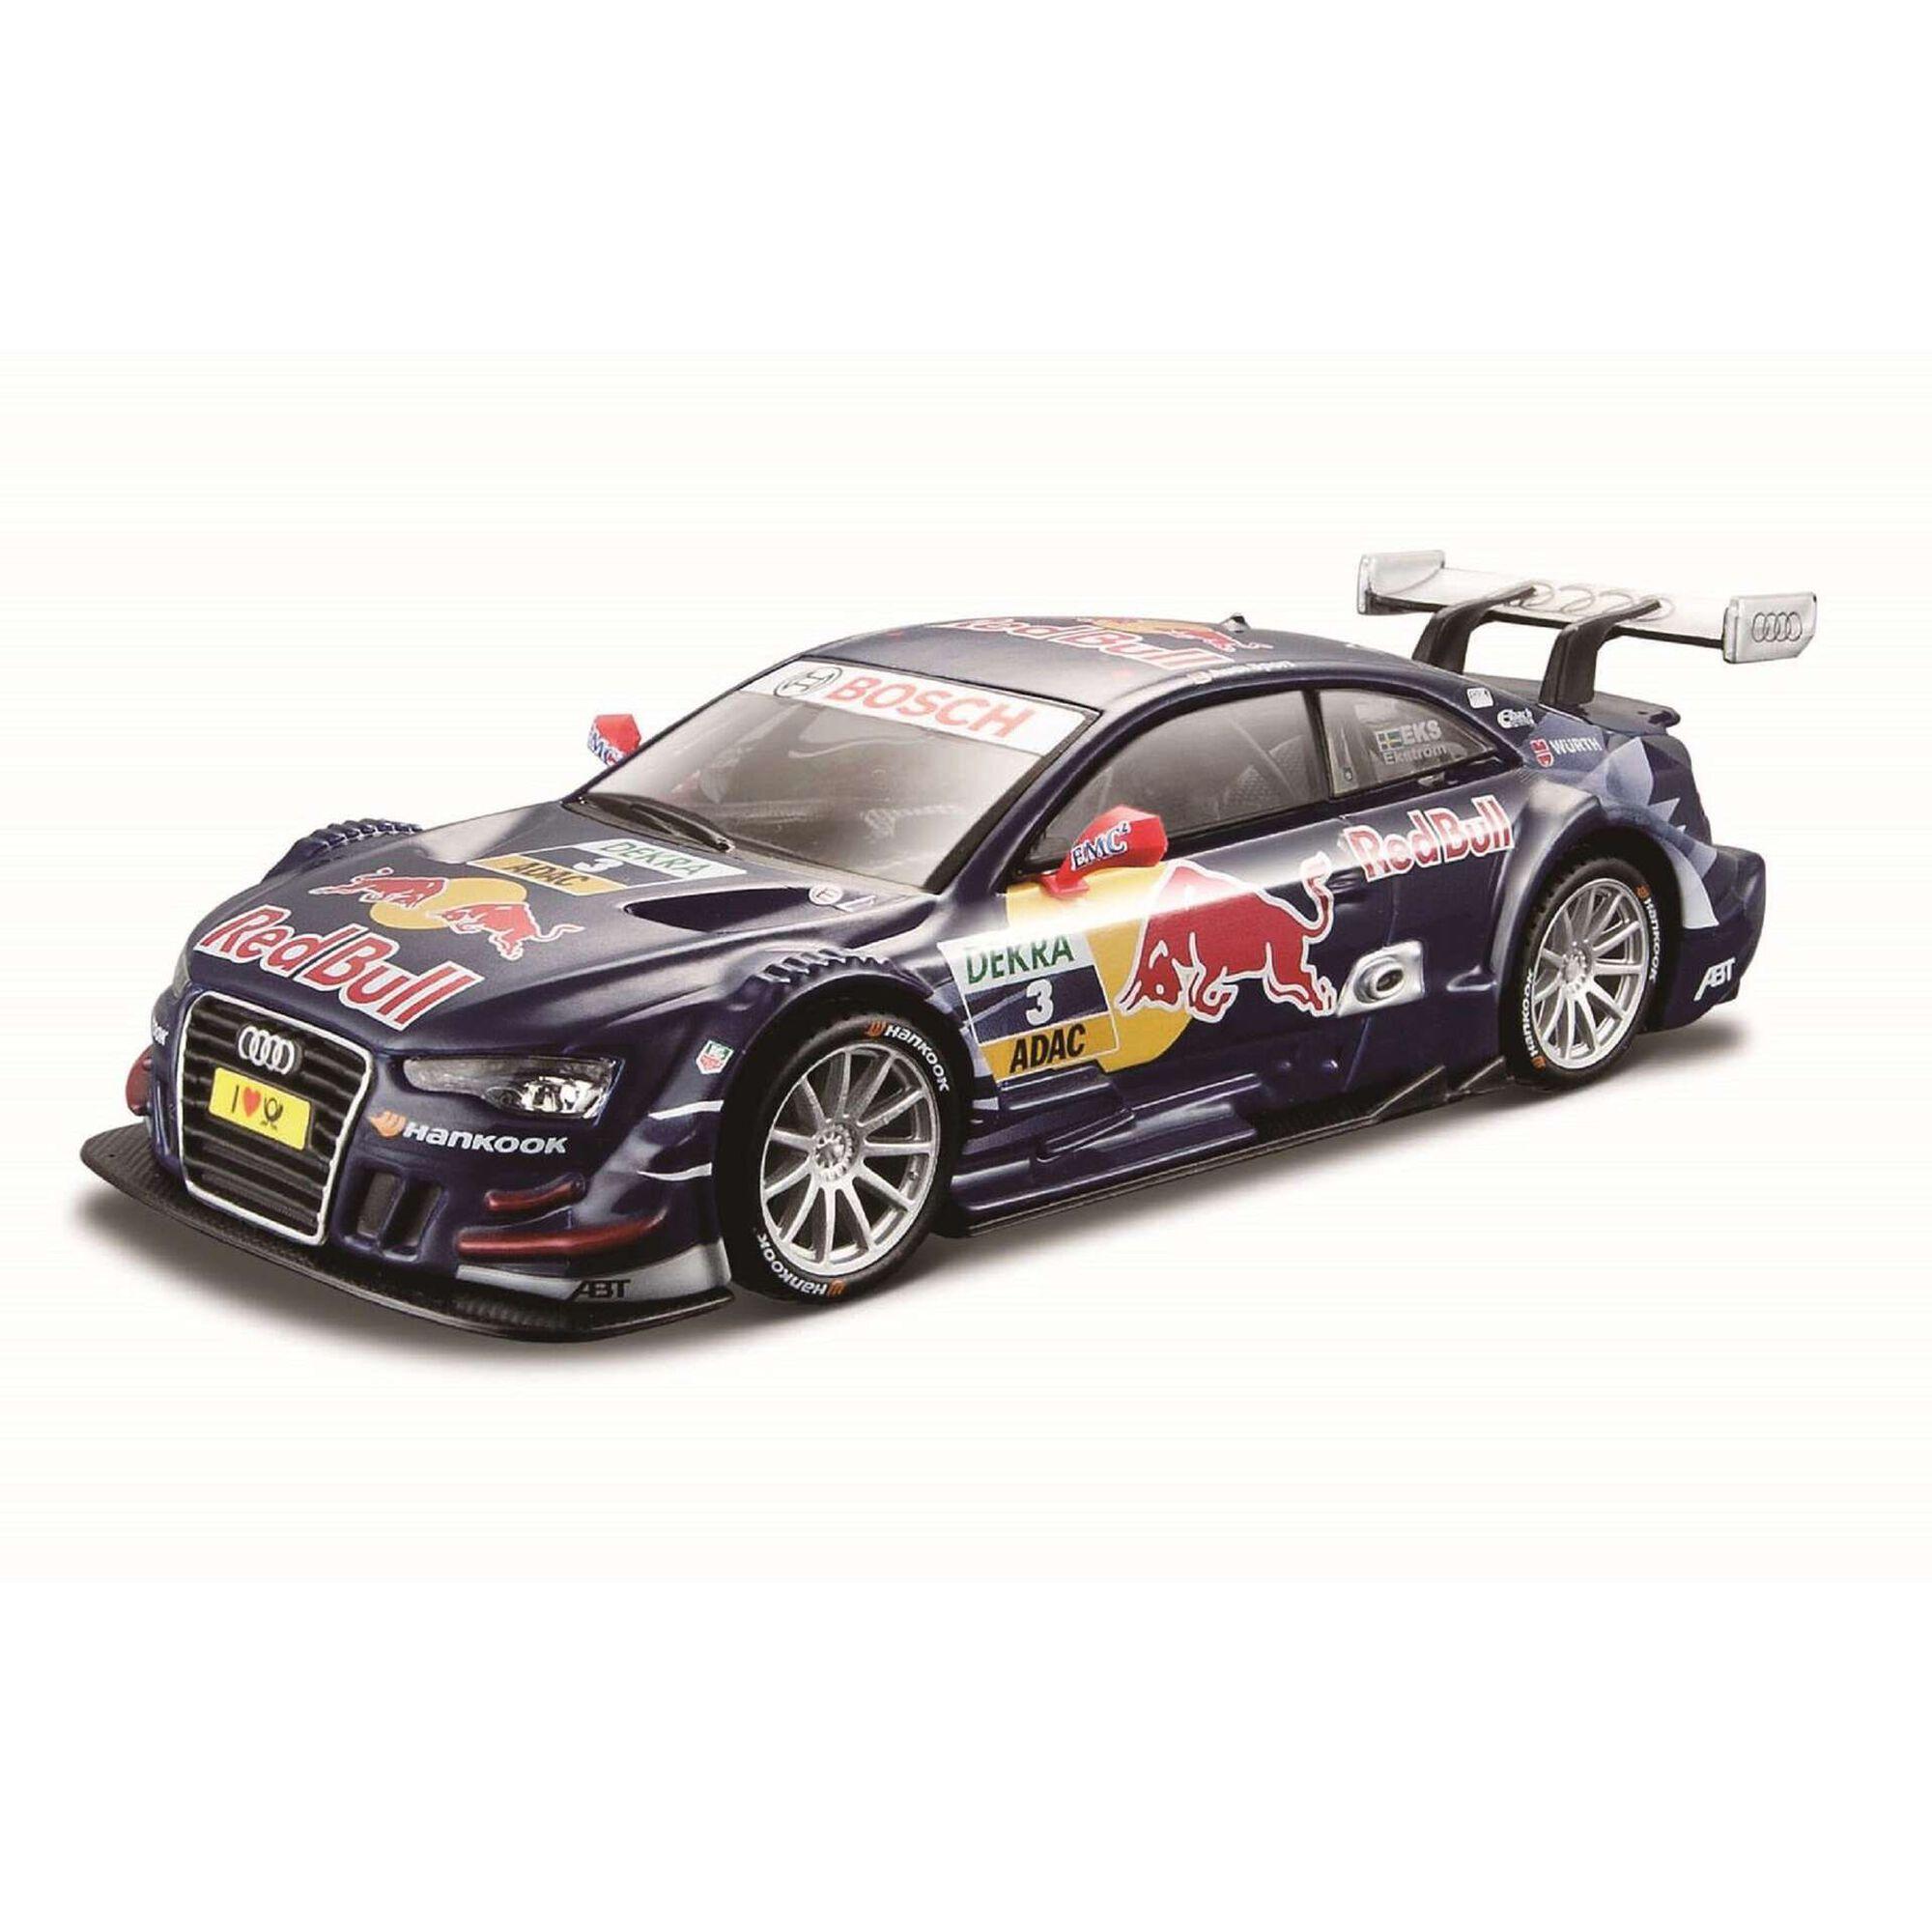 Audi A5 DTM Mattias Ekstrom 1:32